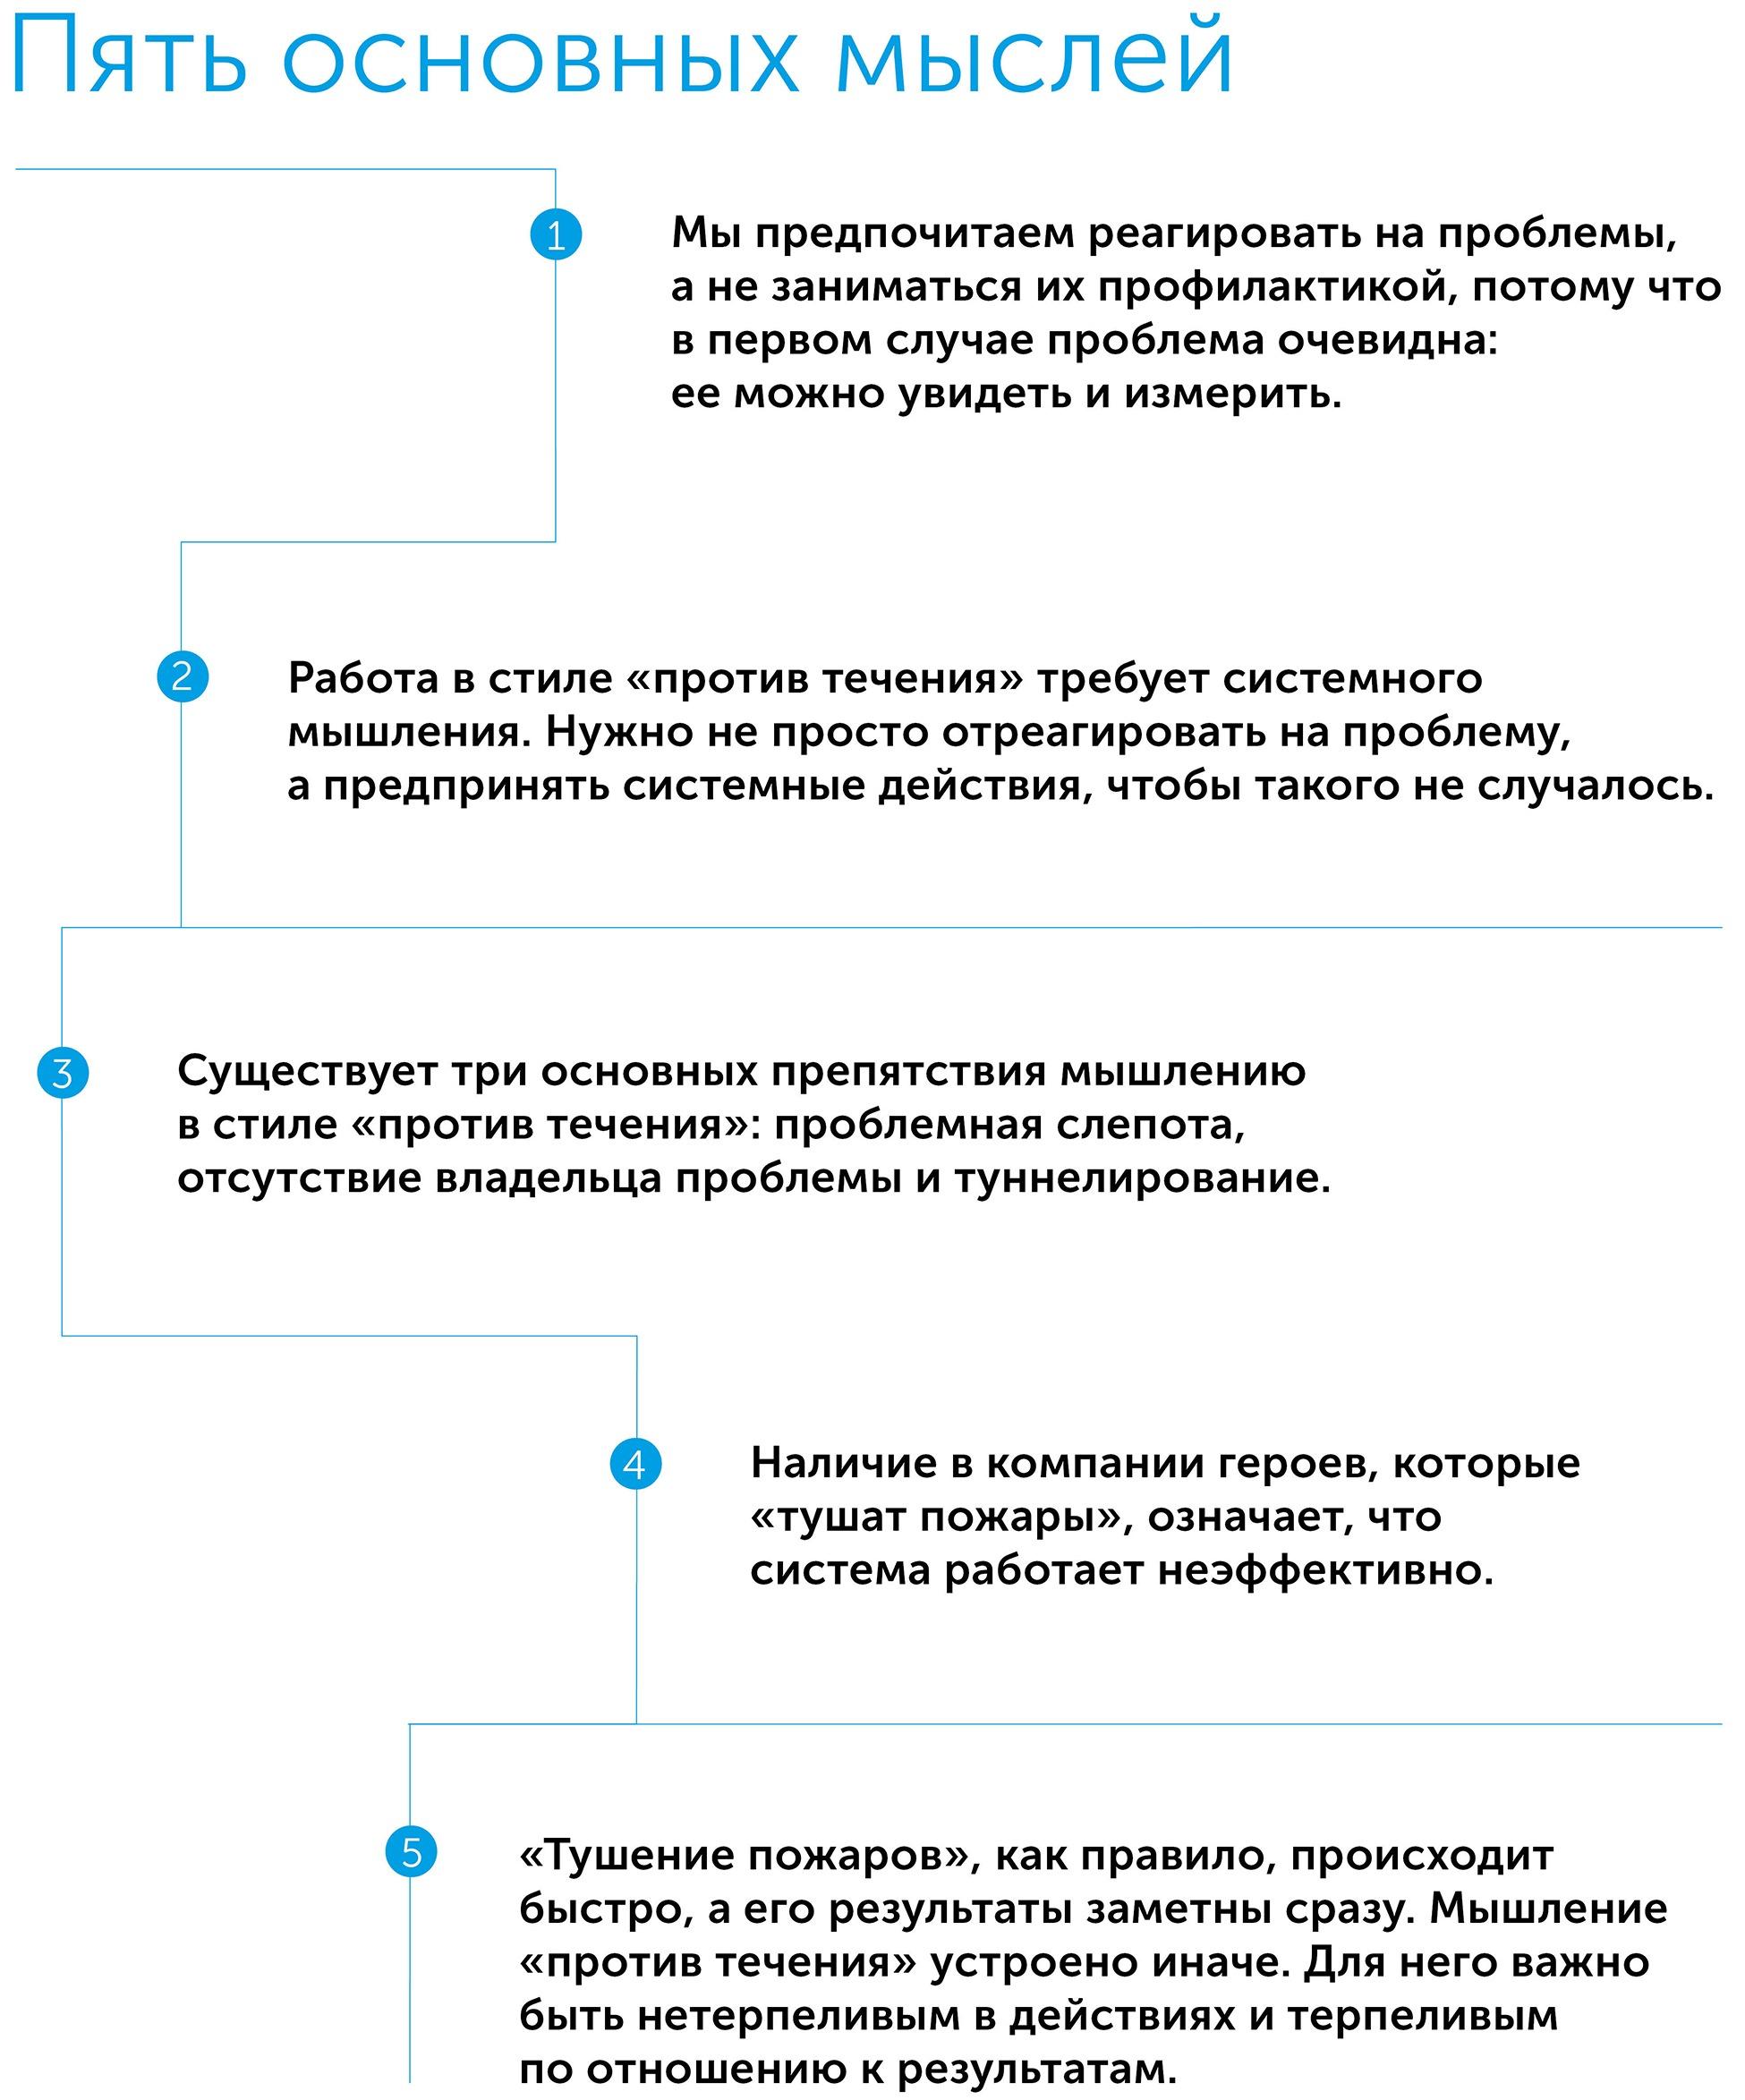 Против течения, author Дэн Хит | Kyivstar Business Hub, image №2